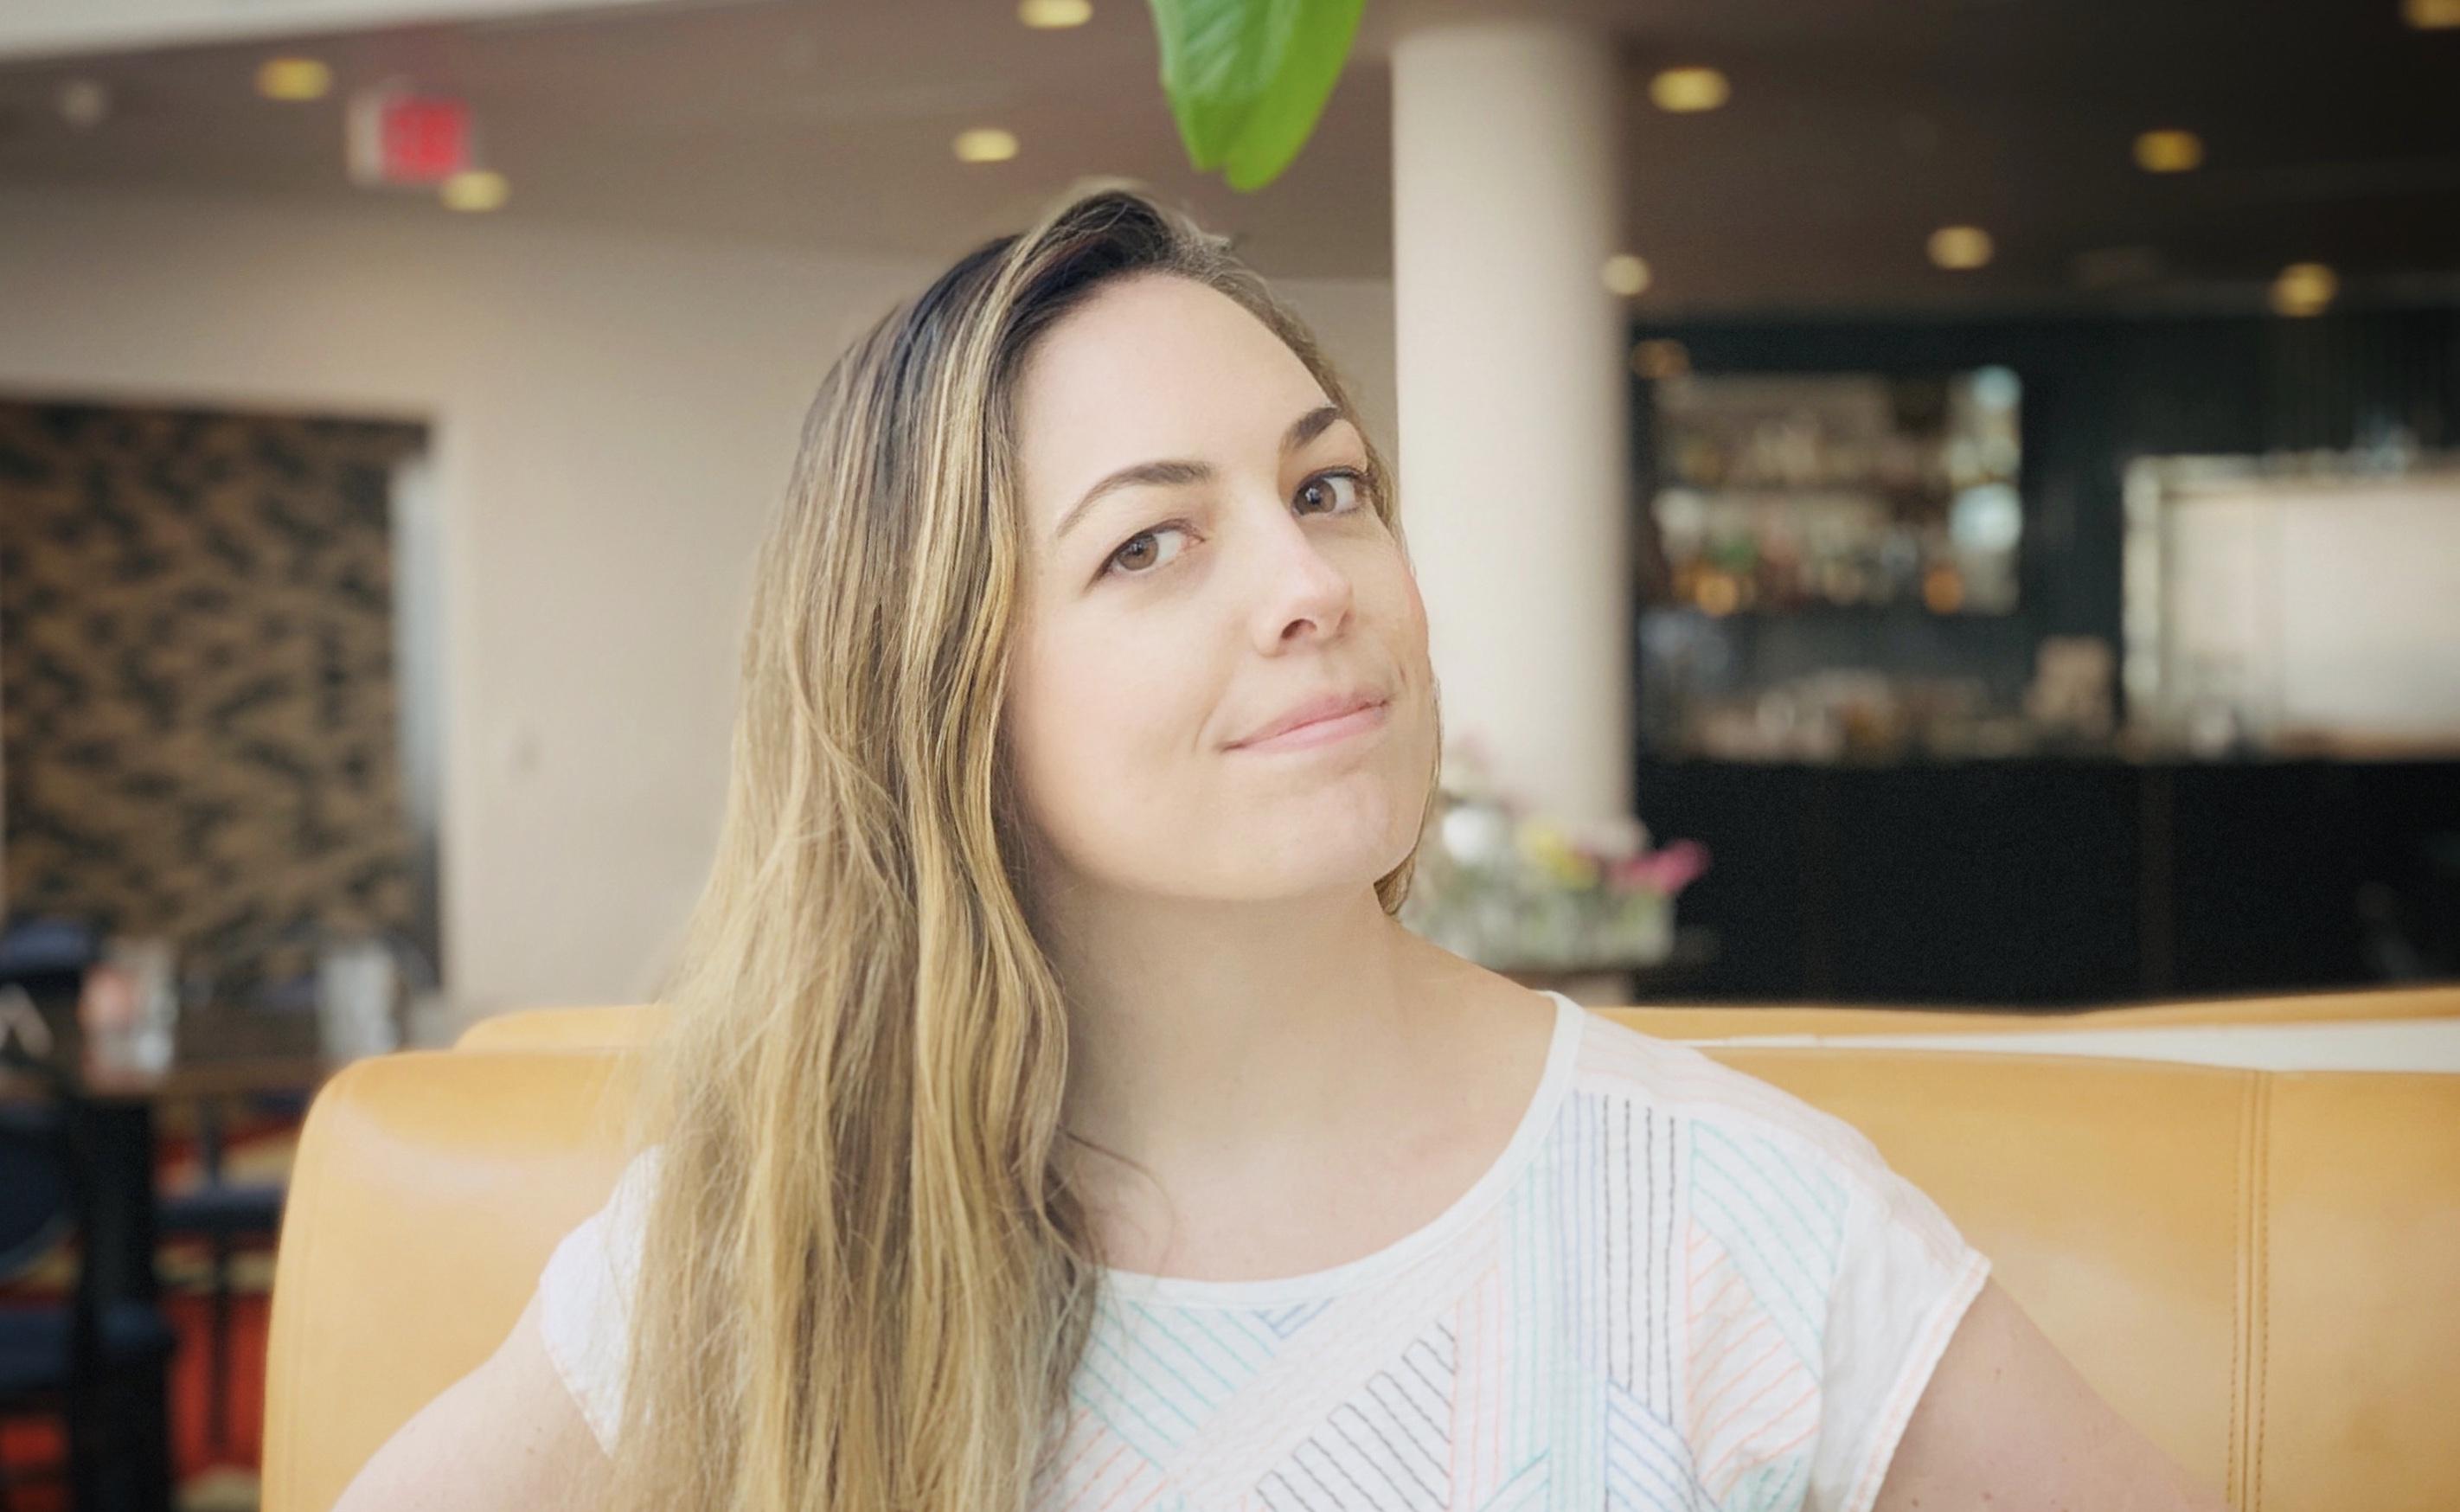 Brinkley-Rubinstein, Lauren